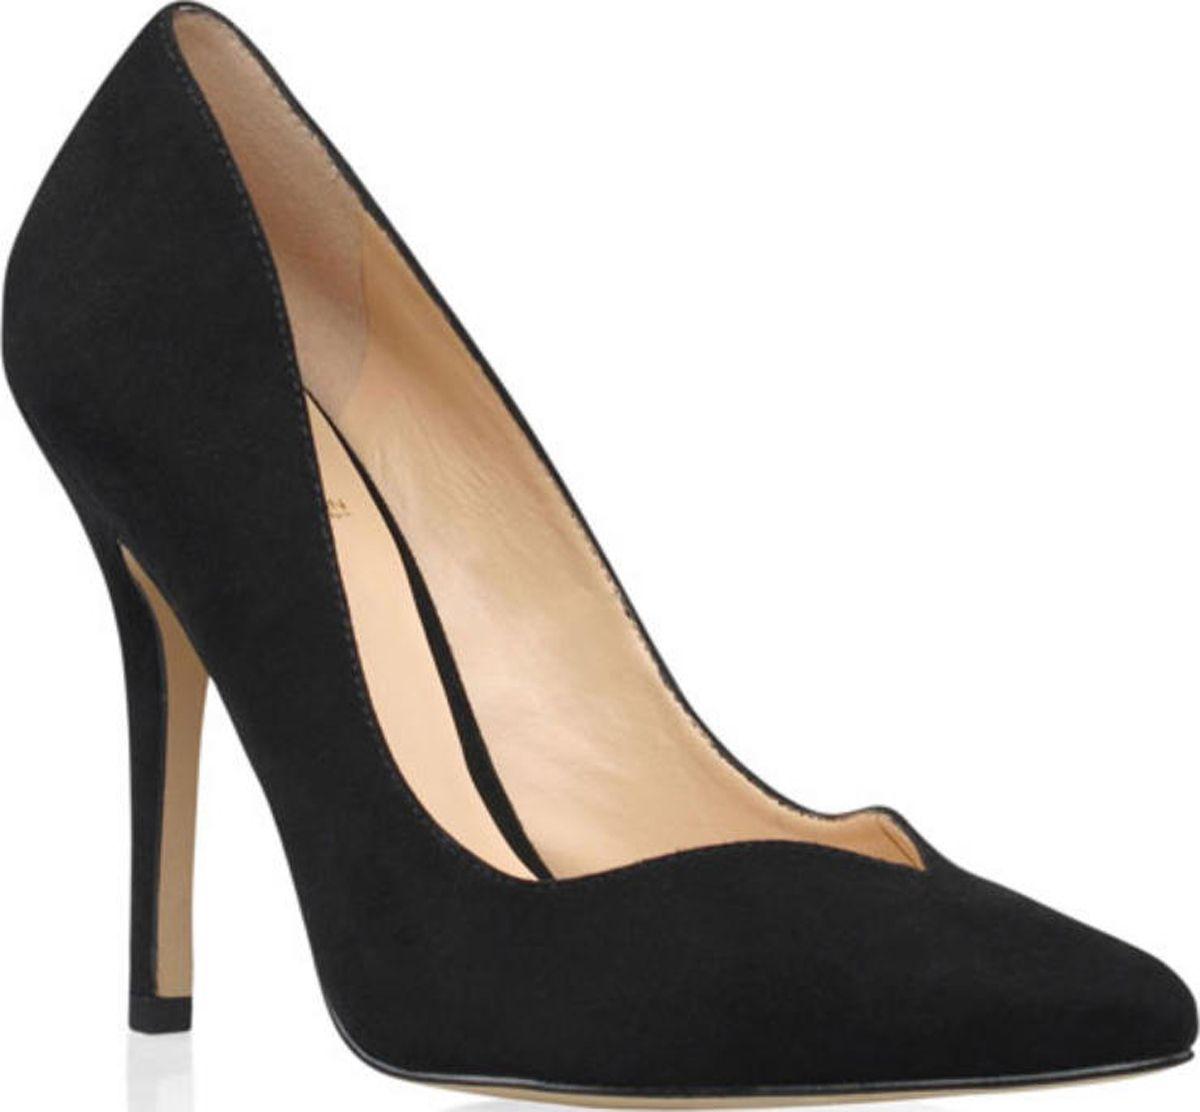 Ella | The Shoe Shed | Shoes, Online, Kardashian, Size, Black ...